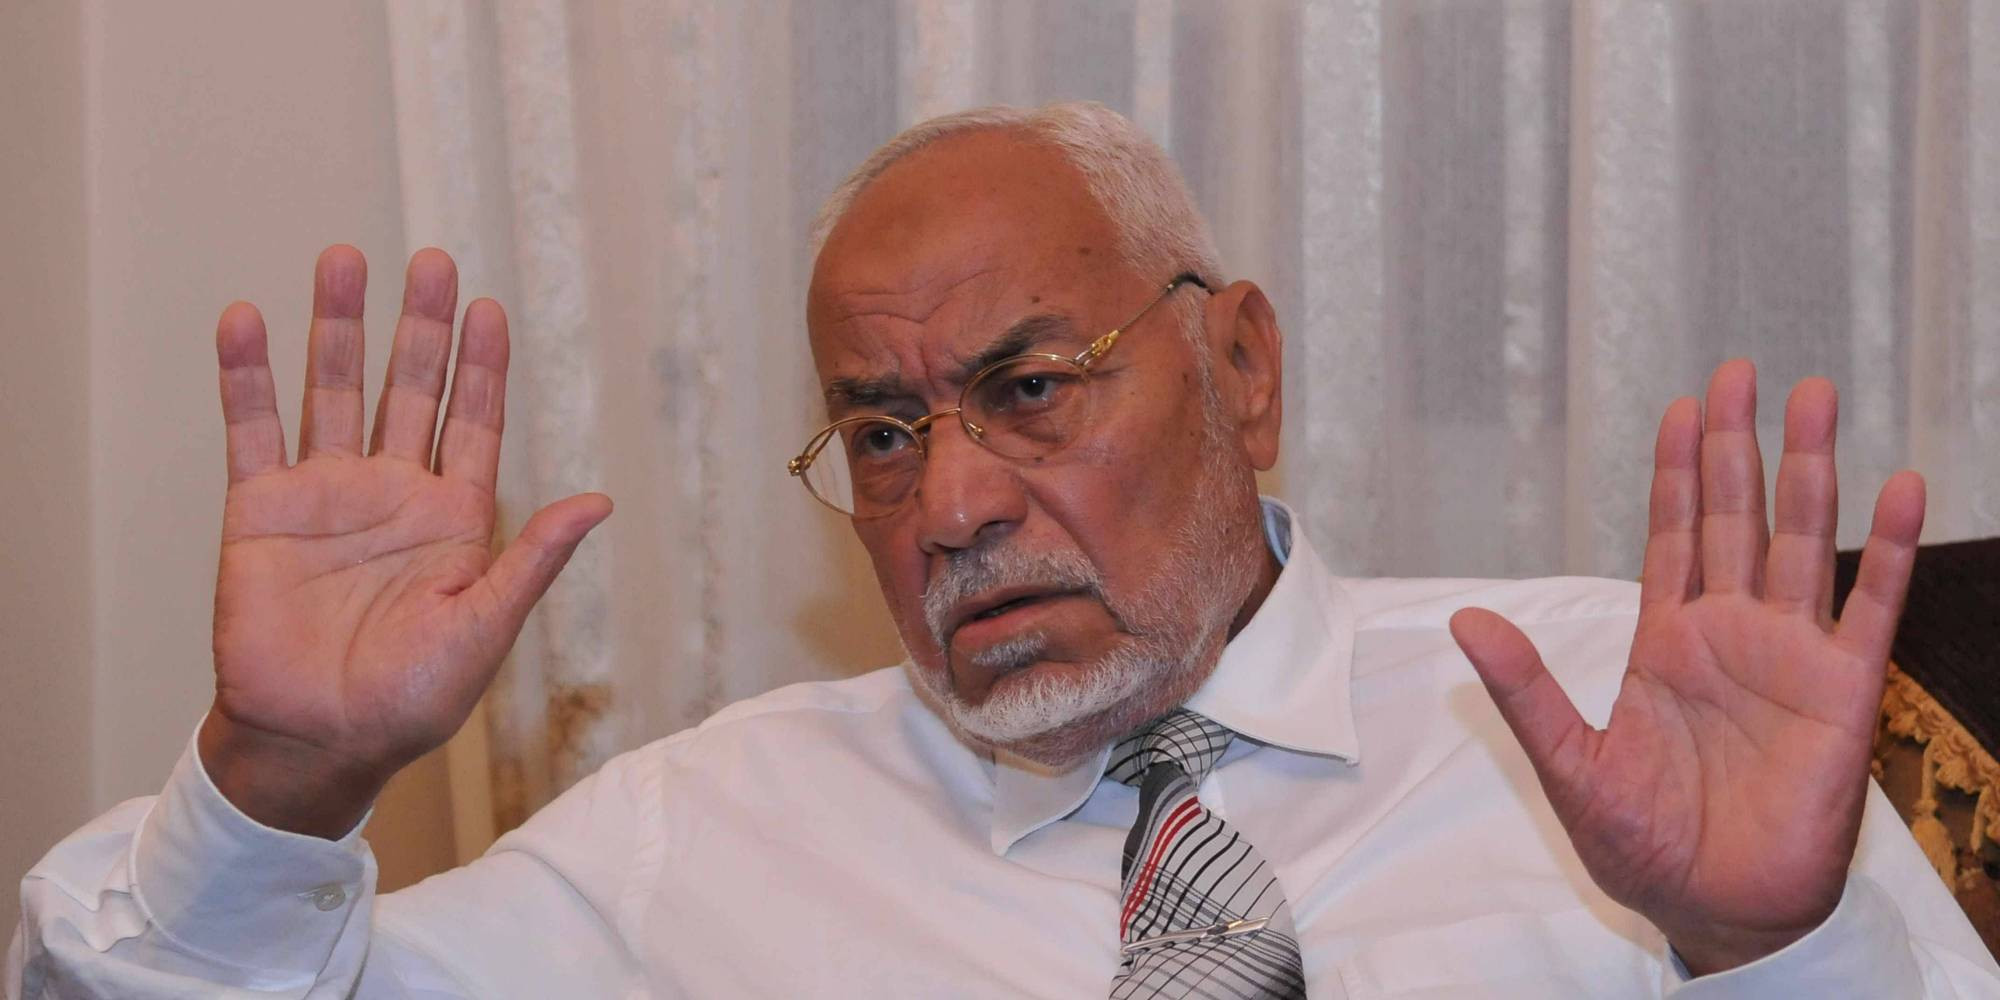 حياته مهدَّدة .. مطالبات بالإفراج عن المرشد السابق للإخوان المسلمين بمصر.. حالته الصحية تتدهور